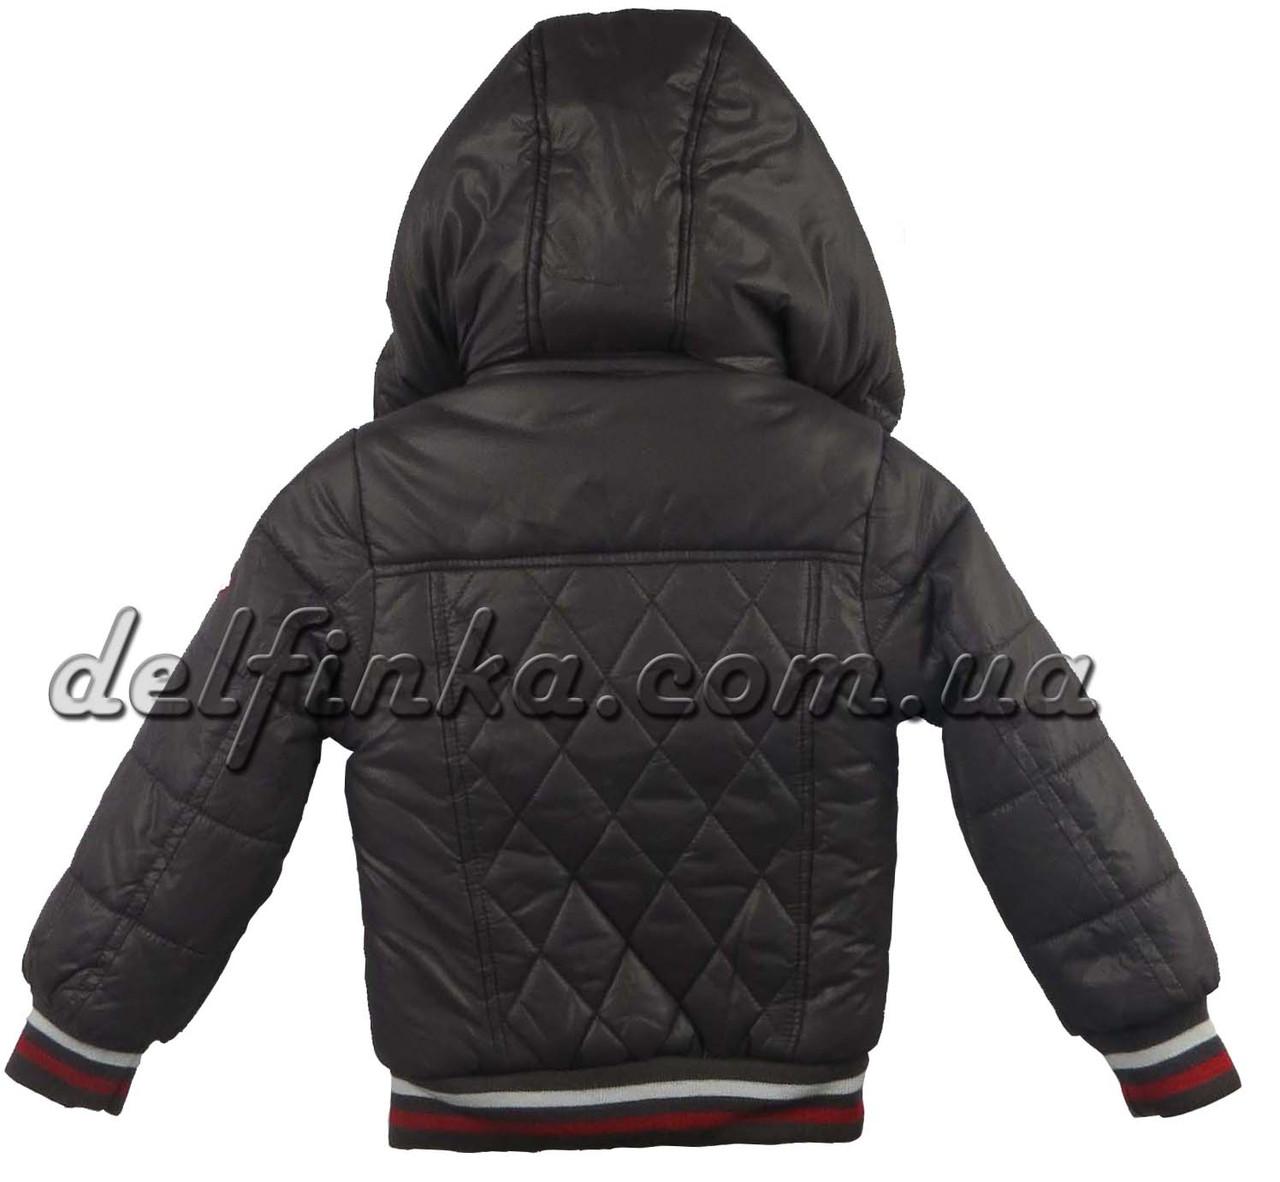 Куртка, для мальчика, теплая, на флисе, 1-4 лет цвет серый, фото 2